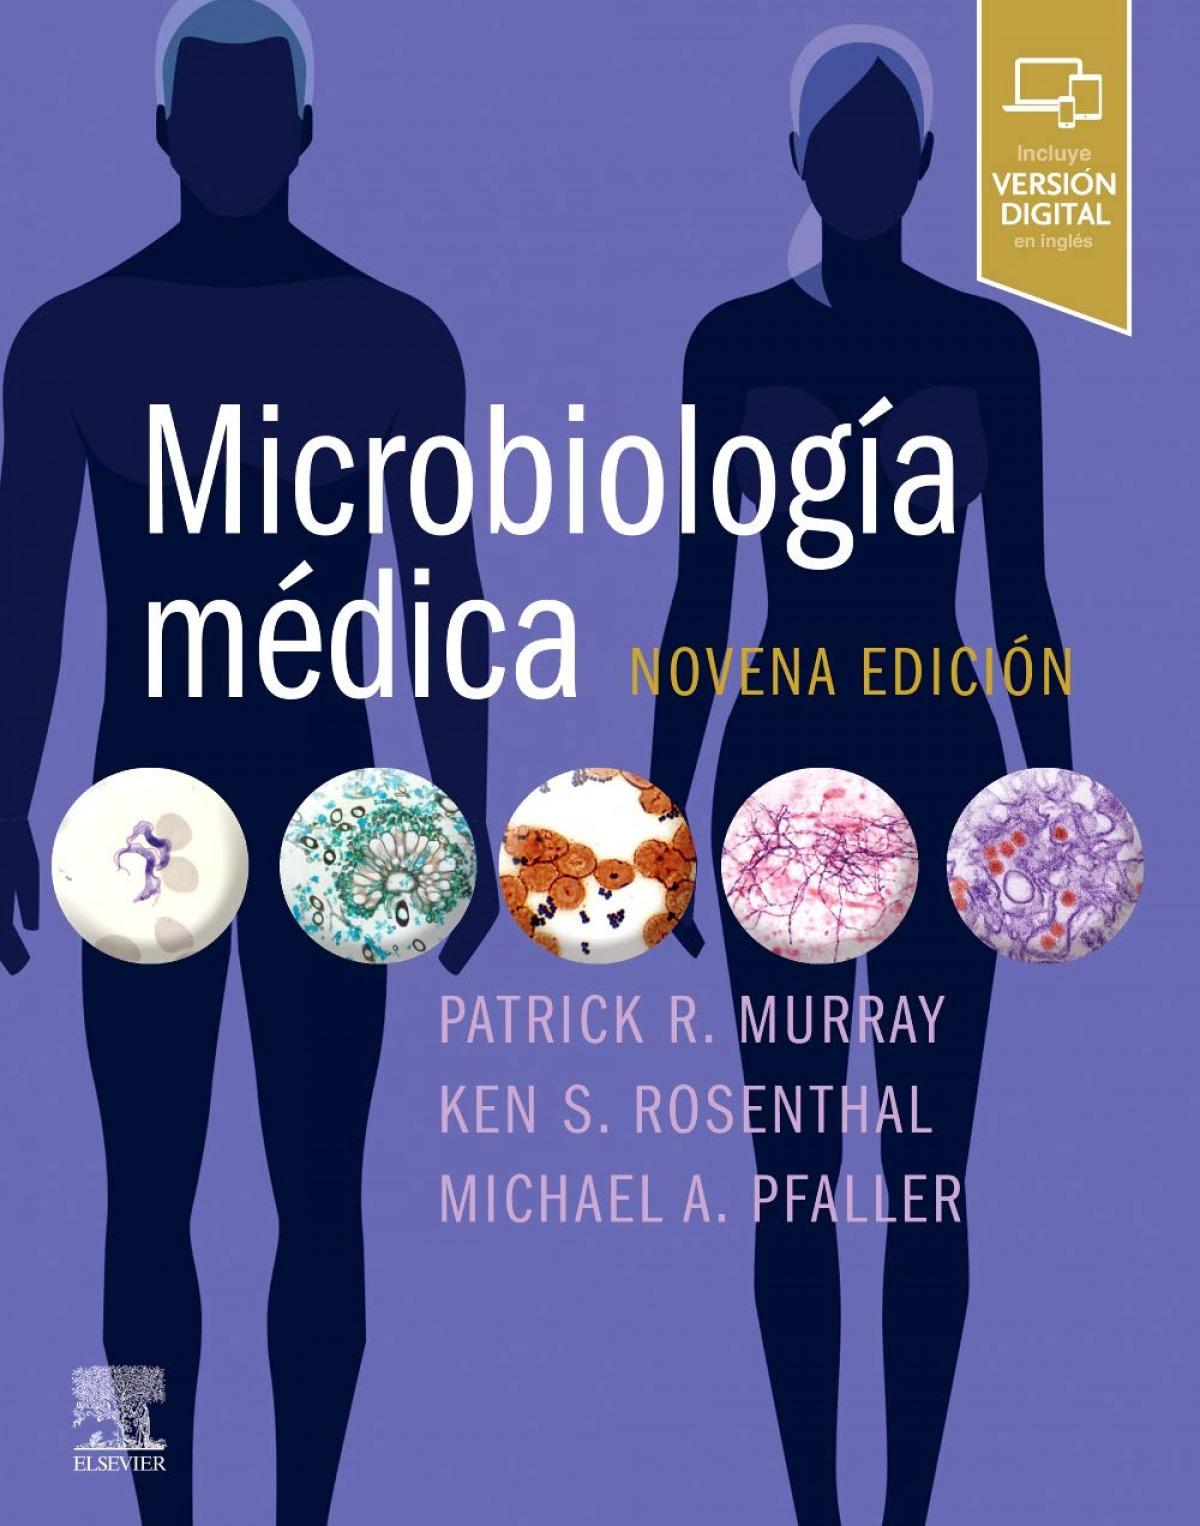 MICROBIOLOGÍA MÈDICA